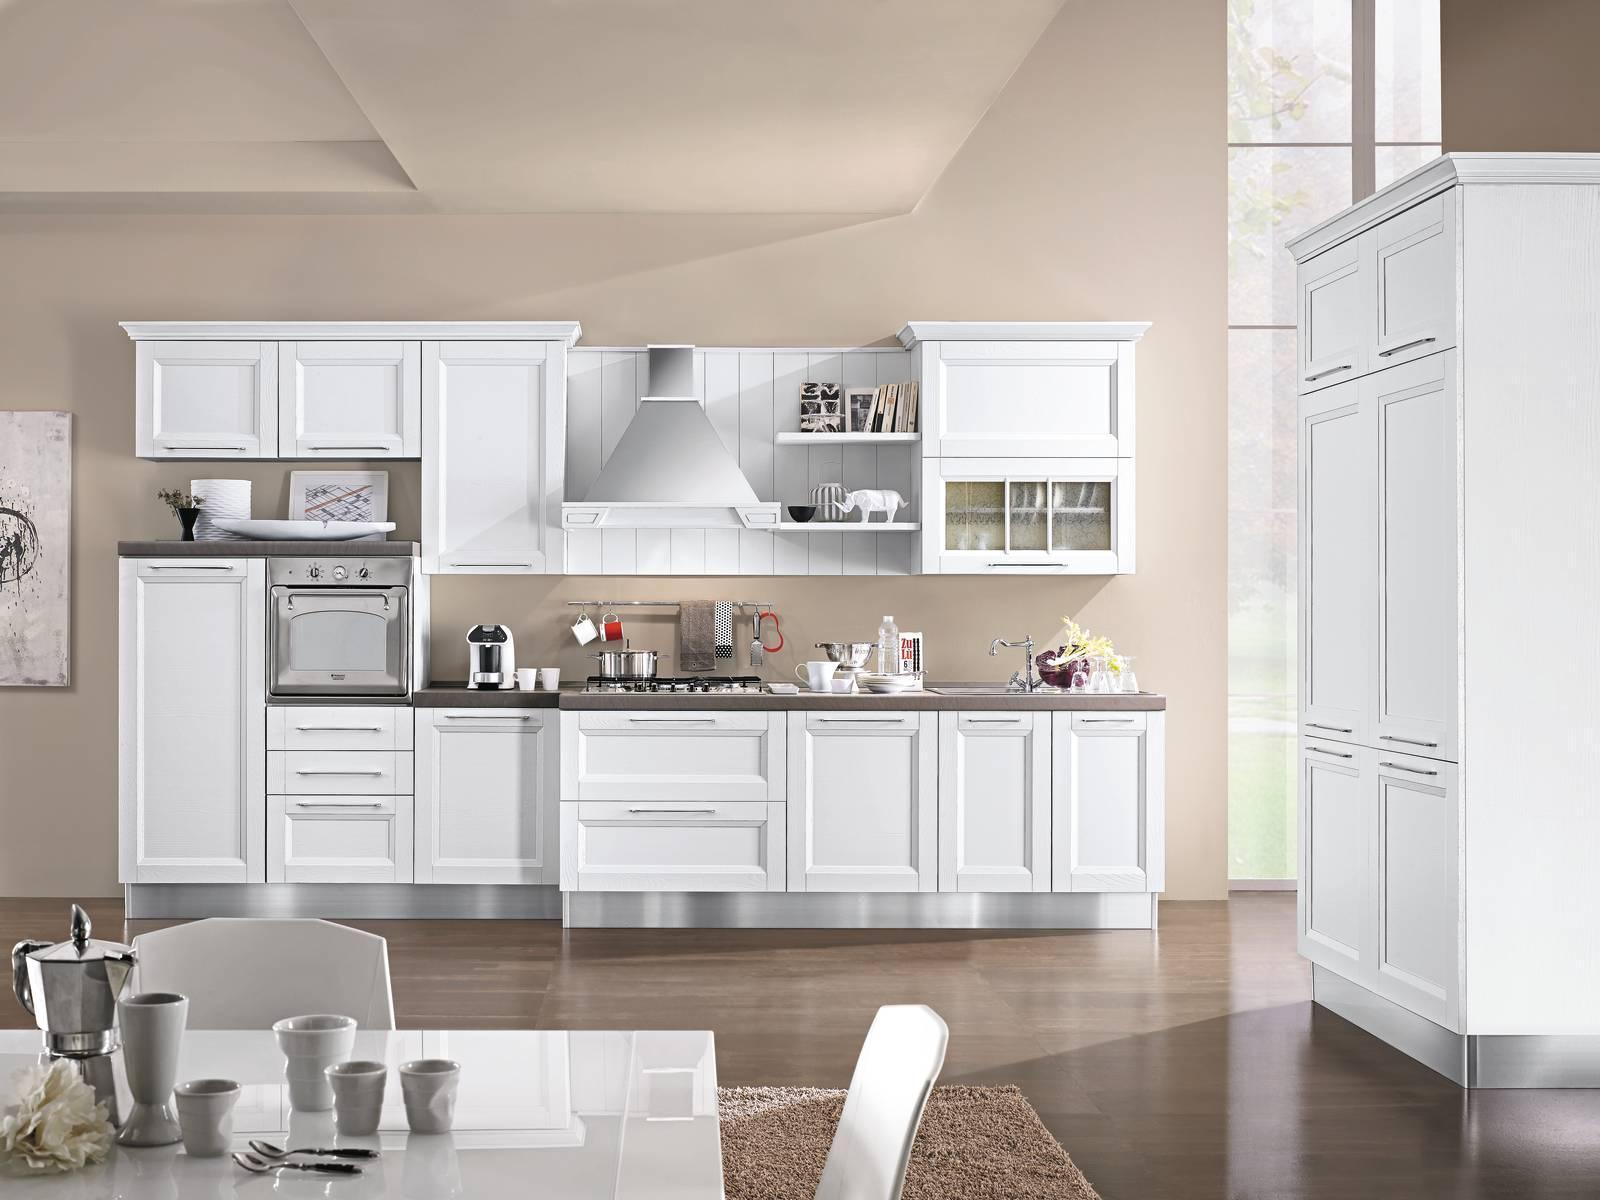 """Cucina Tipo Mondo Convenienza cucina: i vantaggi delle colonne """"basse"""" - cose di casa"""